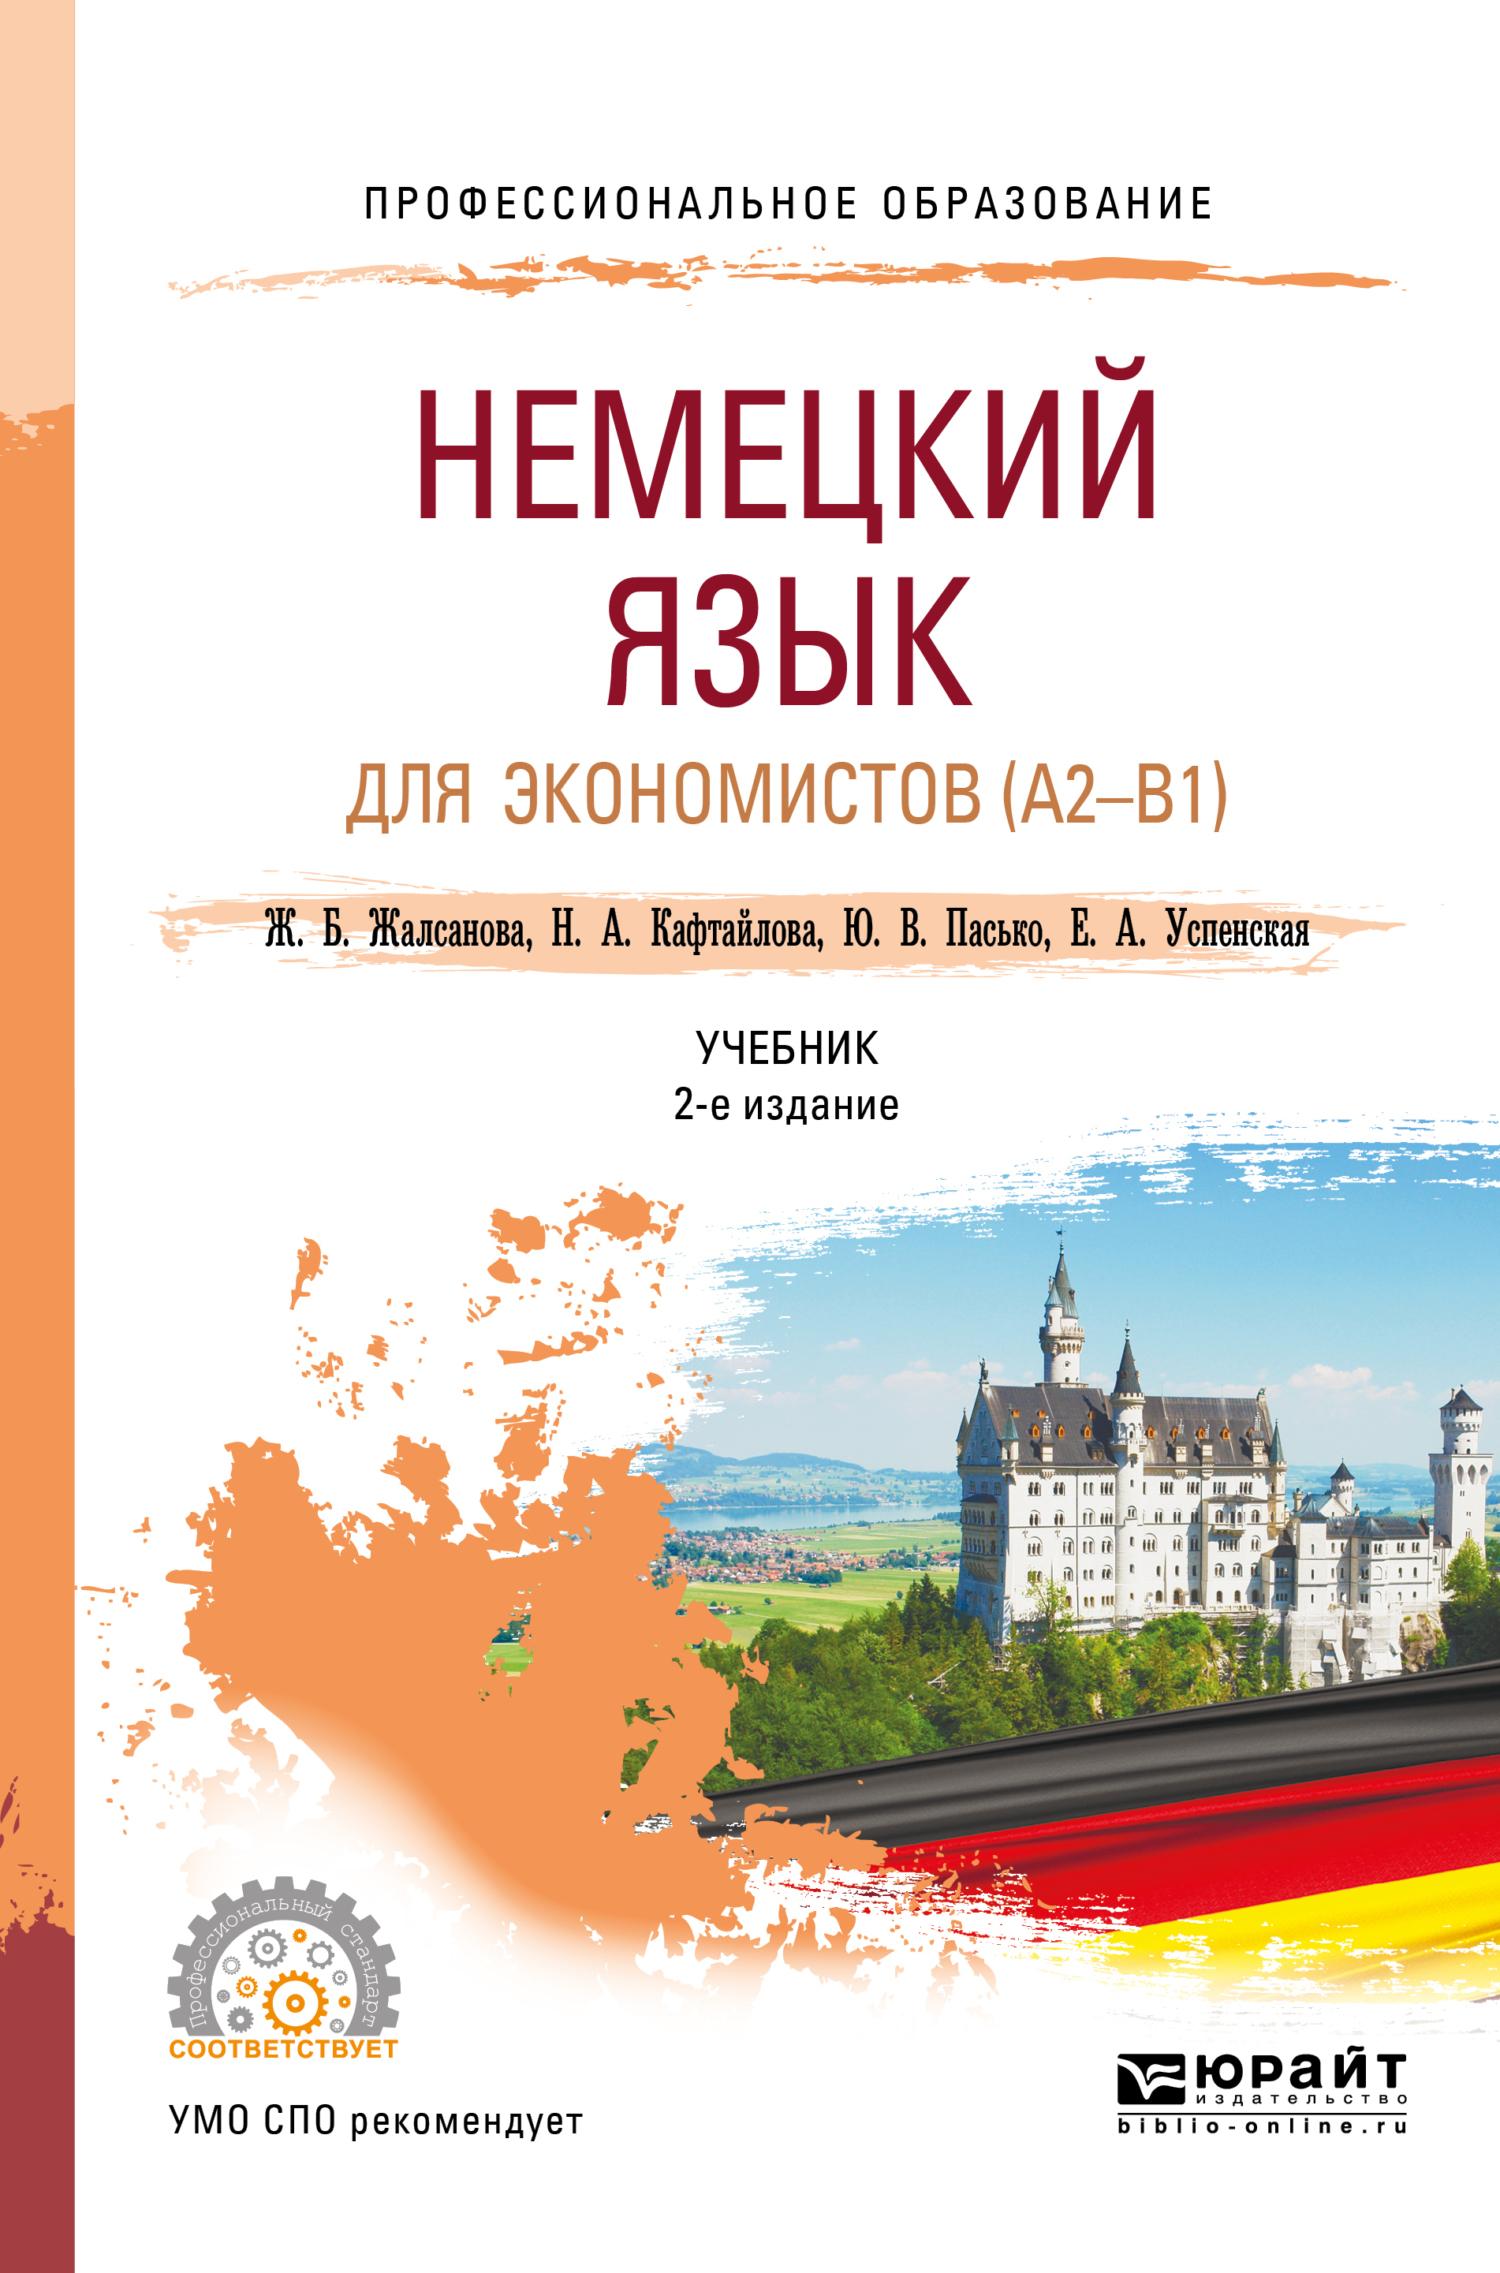 Евгения Анатольевна Успенская Немецкий язык для экономистов (a2-b1) 2-е изд. Учебник для СПО евгения анатольевна успенская немецкий язык для экономистов a2 b1 2 е изд учебник для спо